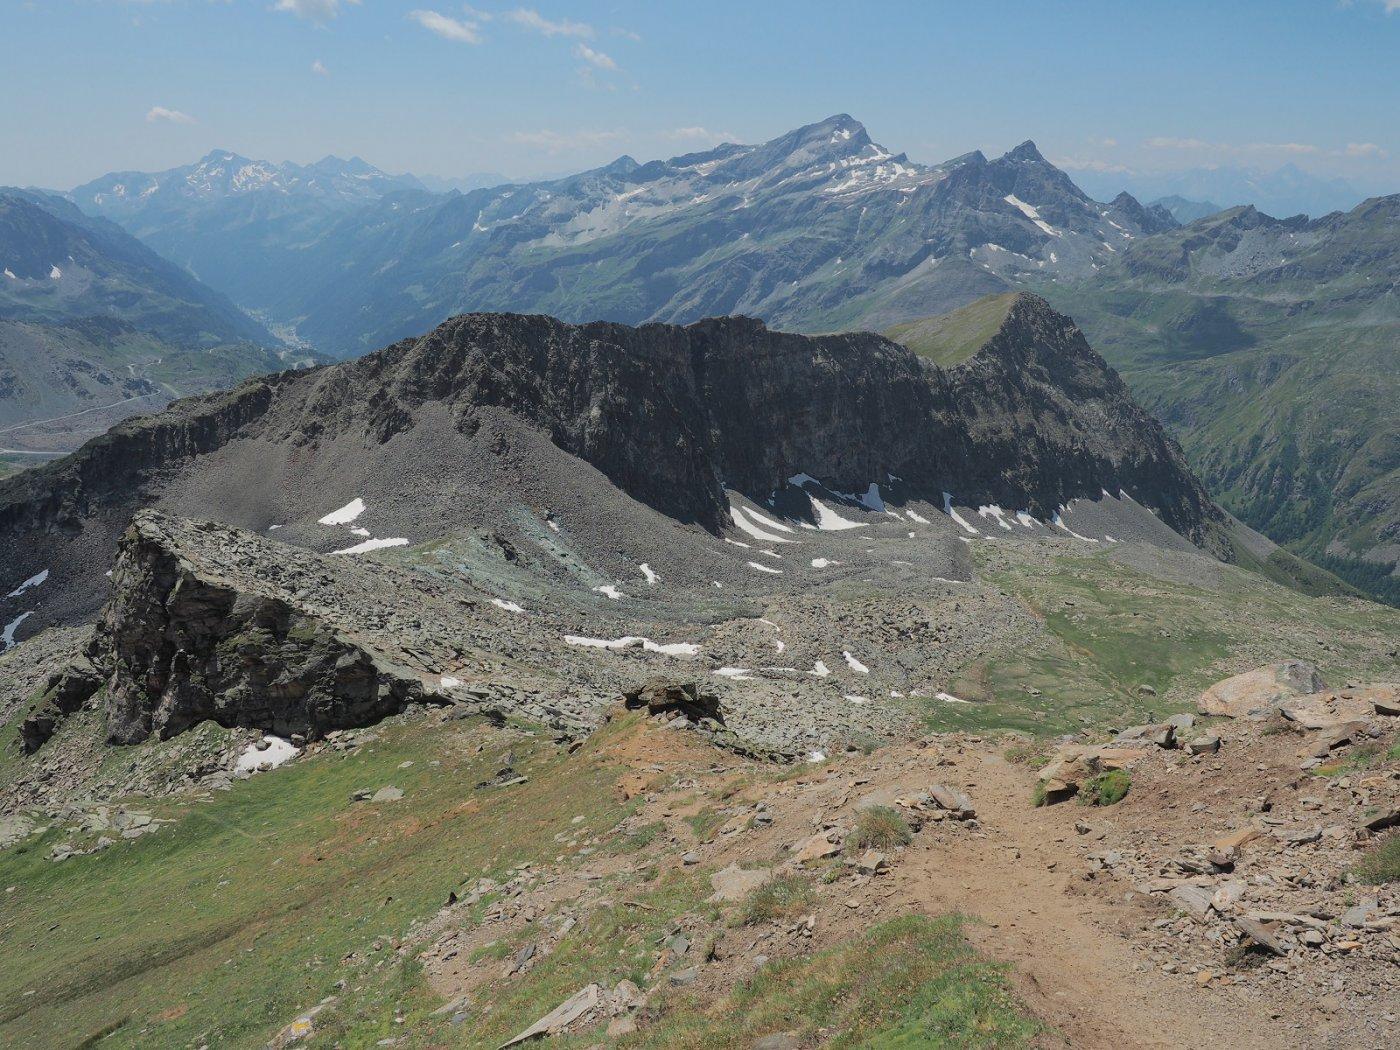 Scendendo verso il colle Salza dall'Hochlicht, con l'omonimo vallone sulla destra